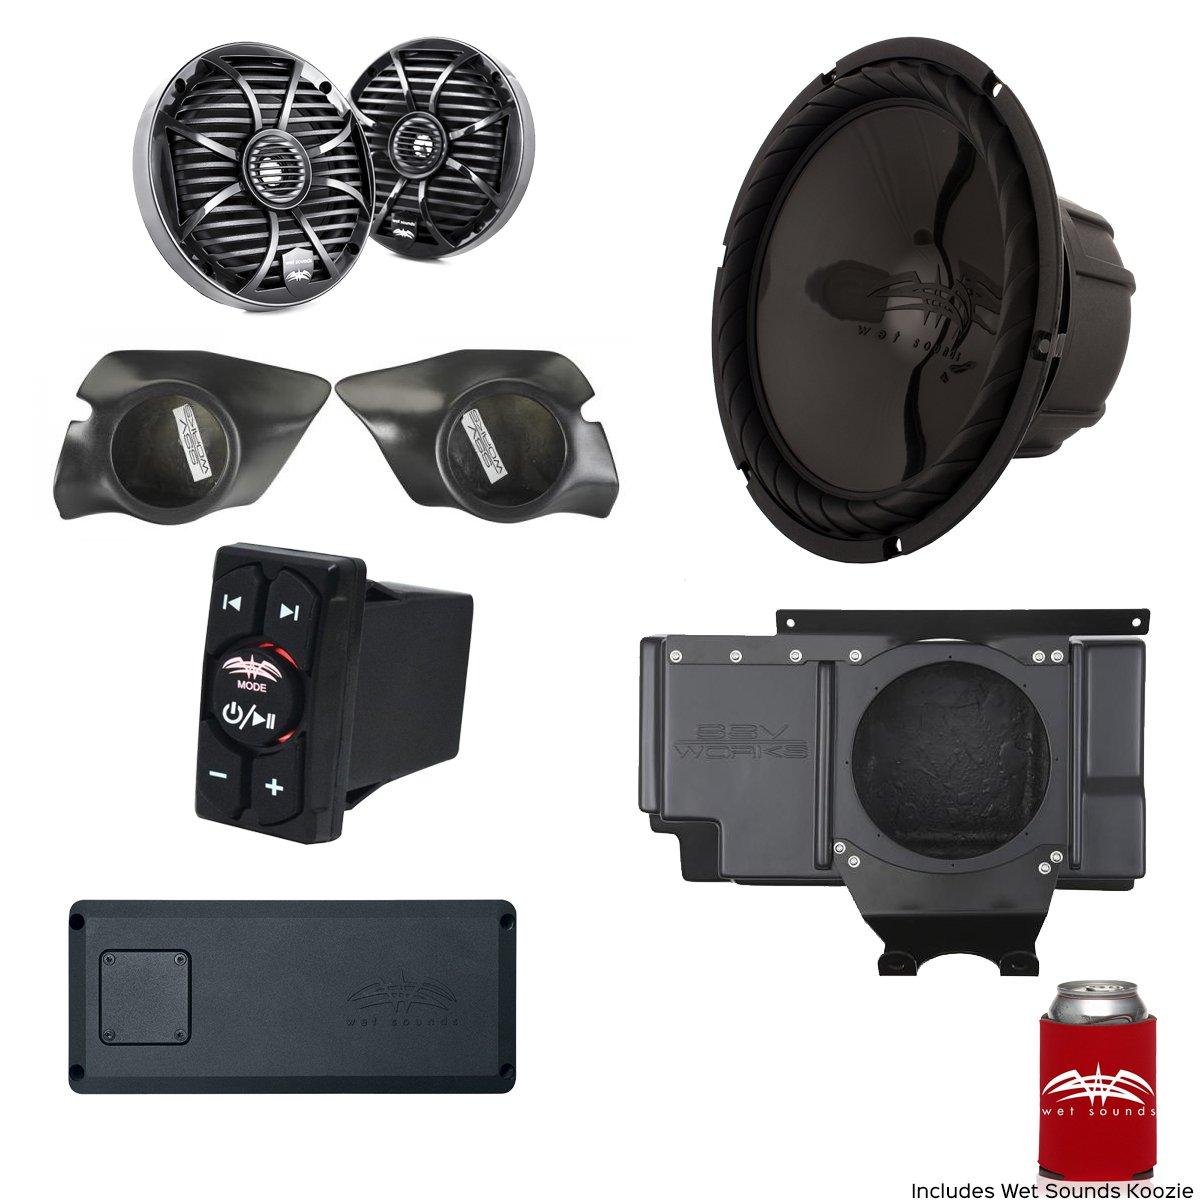 濡れサウンド& Ssv Works for Polaris RZR 2014 + xp1000 3-speakerシステムパッケージ。サブウーハーWill Notフィットターボモデル。 B0785GSZCY